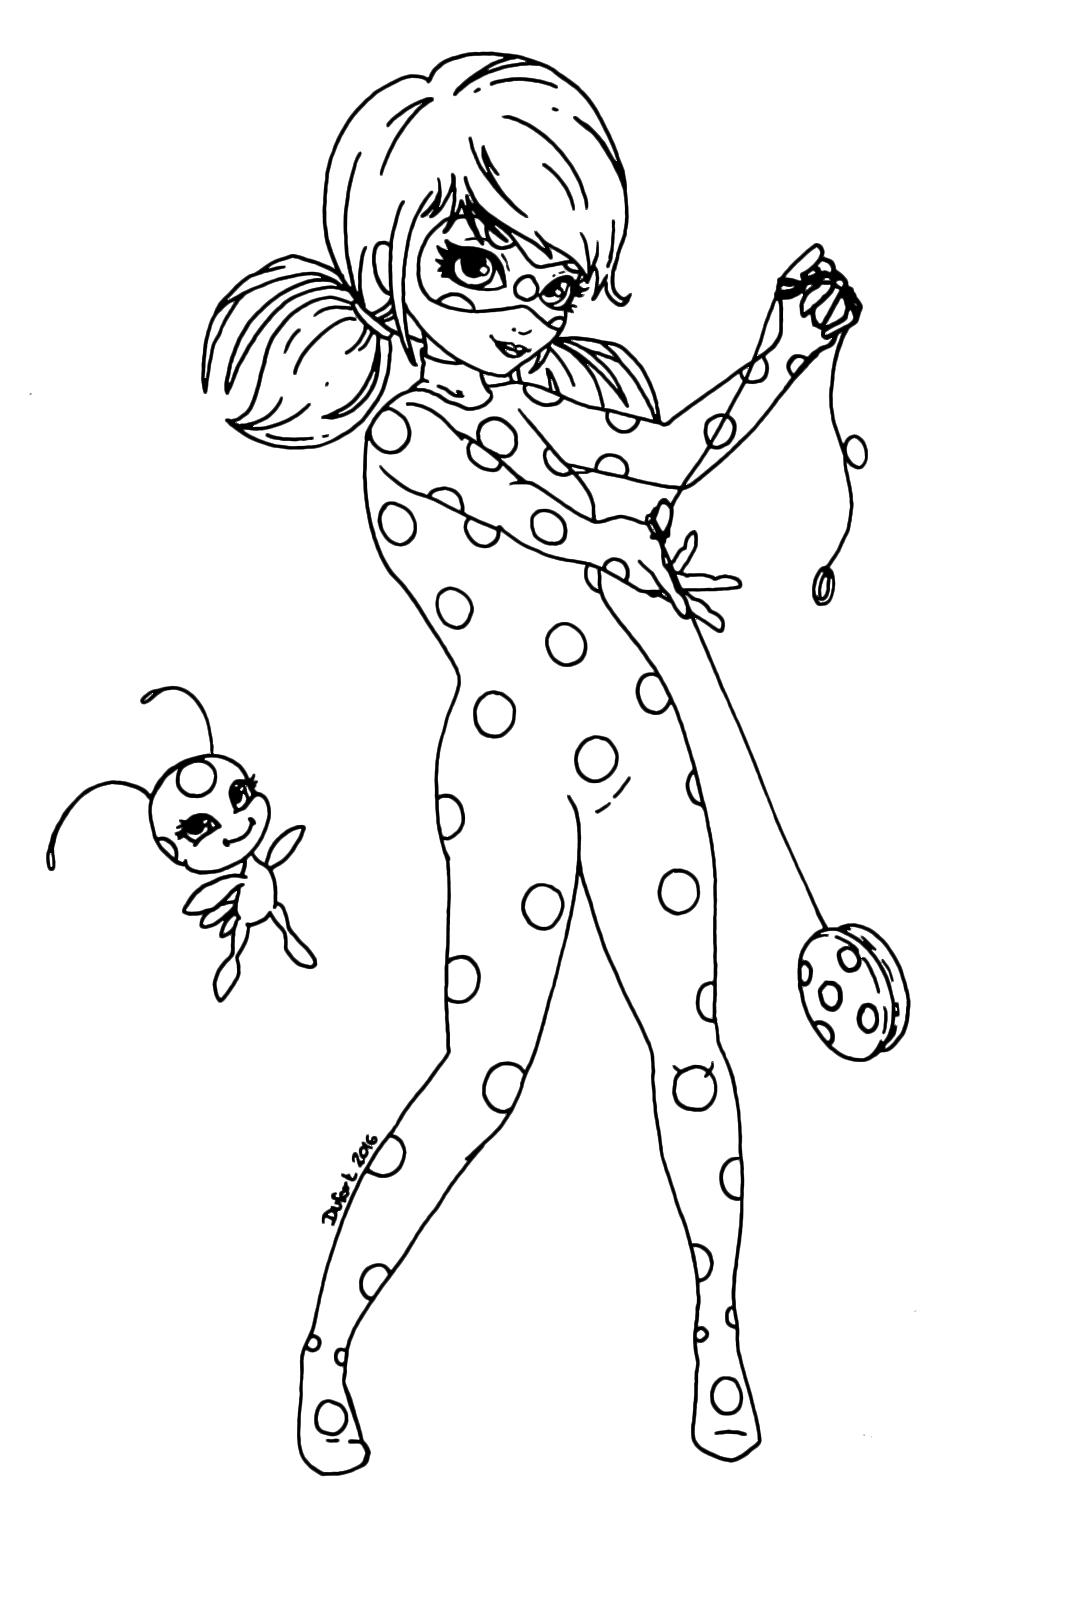 Disegno di ladybug in azione miraculous da colorare sketch for Disegni miraculous da stampare